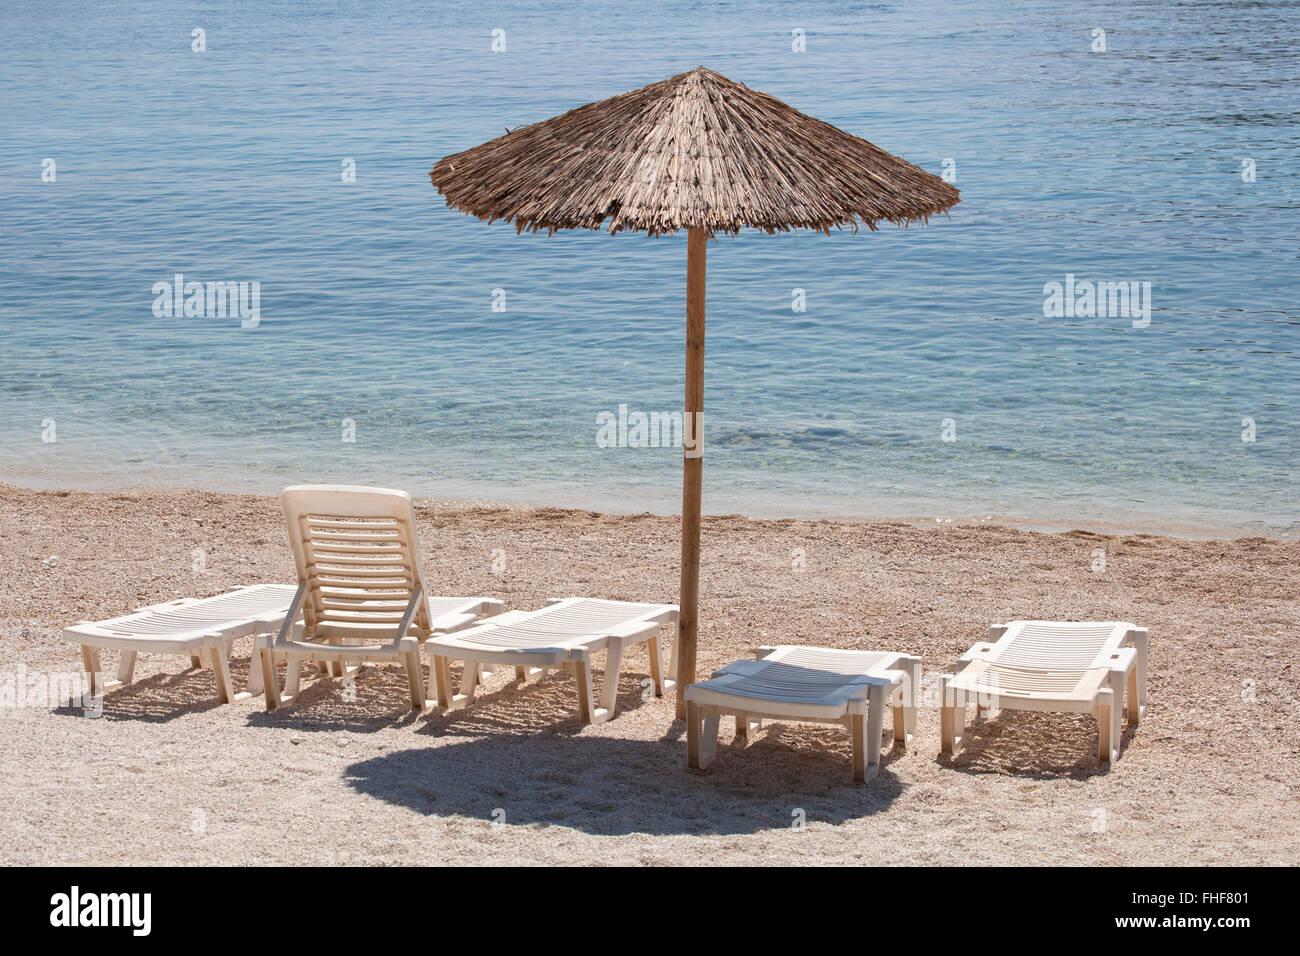 Sdraio Da Spiaggia Legno.In Legno Ombrellone In Spiaggia Con Molti Lettini Da Mare Su Una